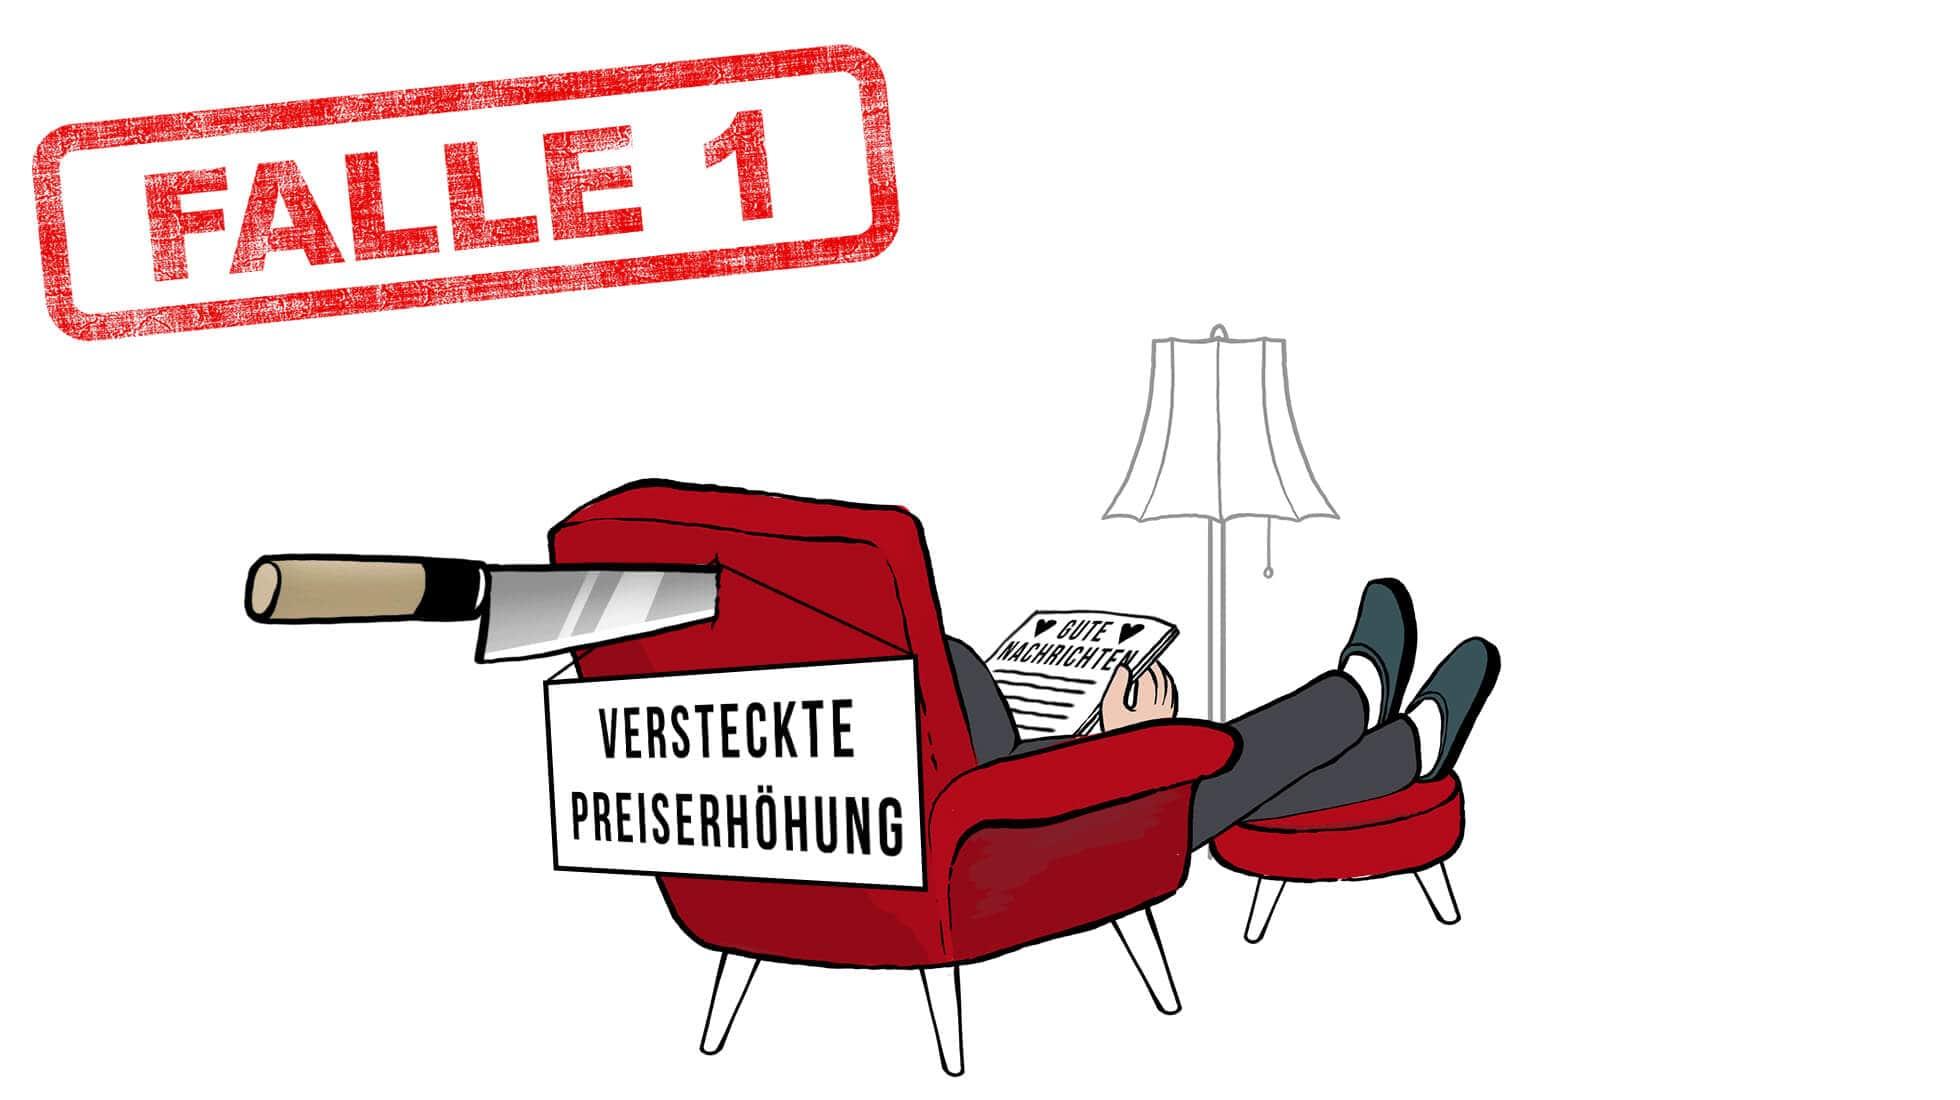 """Stromvergleich Falle 1: Verbraucher sitzt mit dem Rücken zum Betrachter in einem roten Sessel. Im Sesselrücken steckt ein Messer mit einem Schil (Versteckte Preiserhöhung) und auf dem Schoß hält der Verbraucher ein Schreiben mit dem Titel """"Gute Nachrichten""""."""